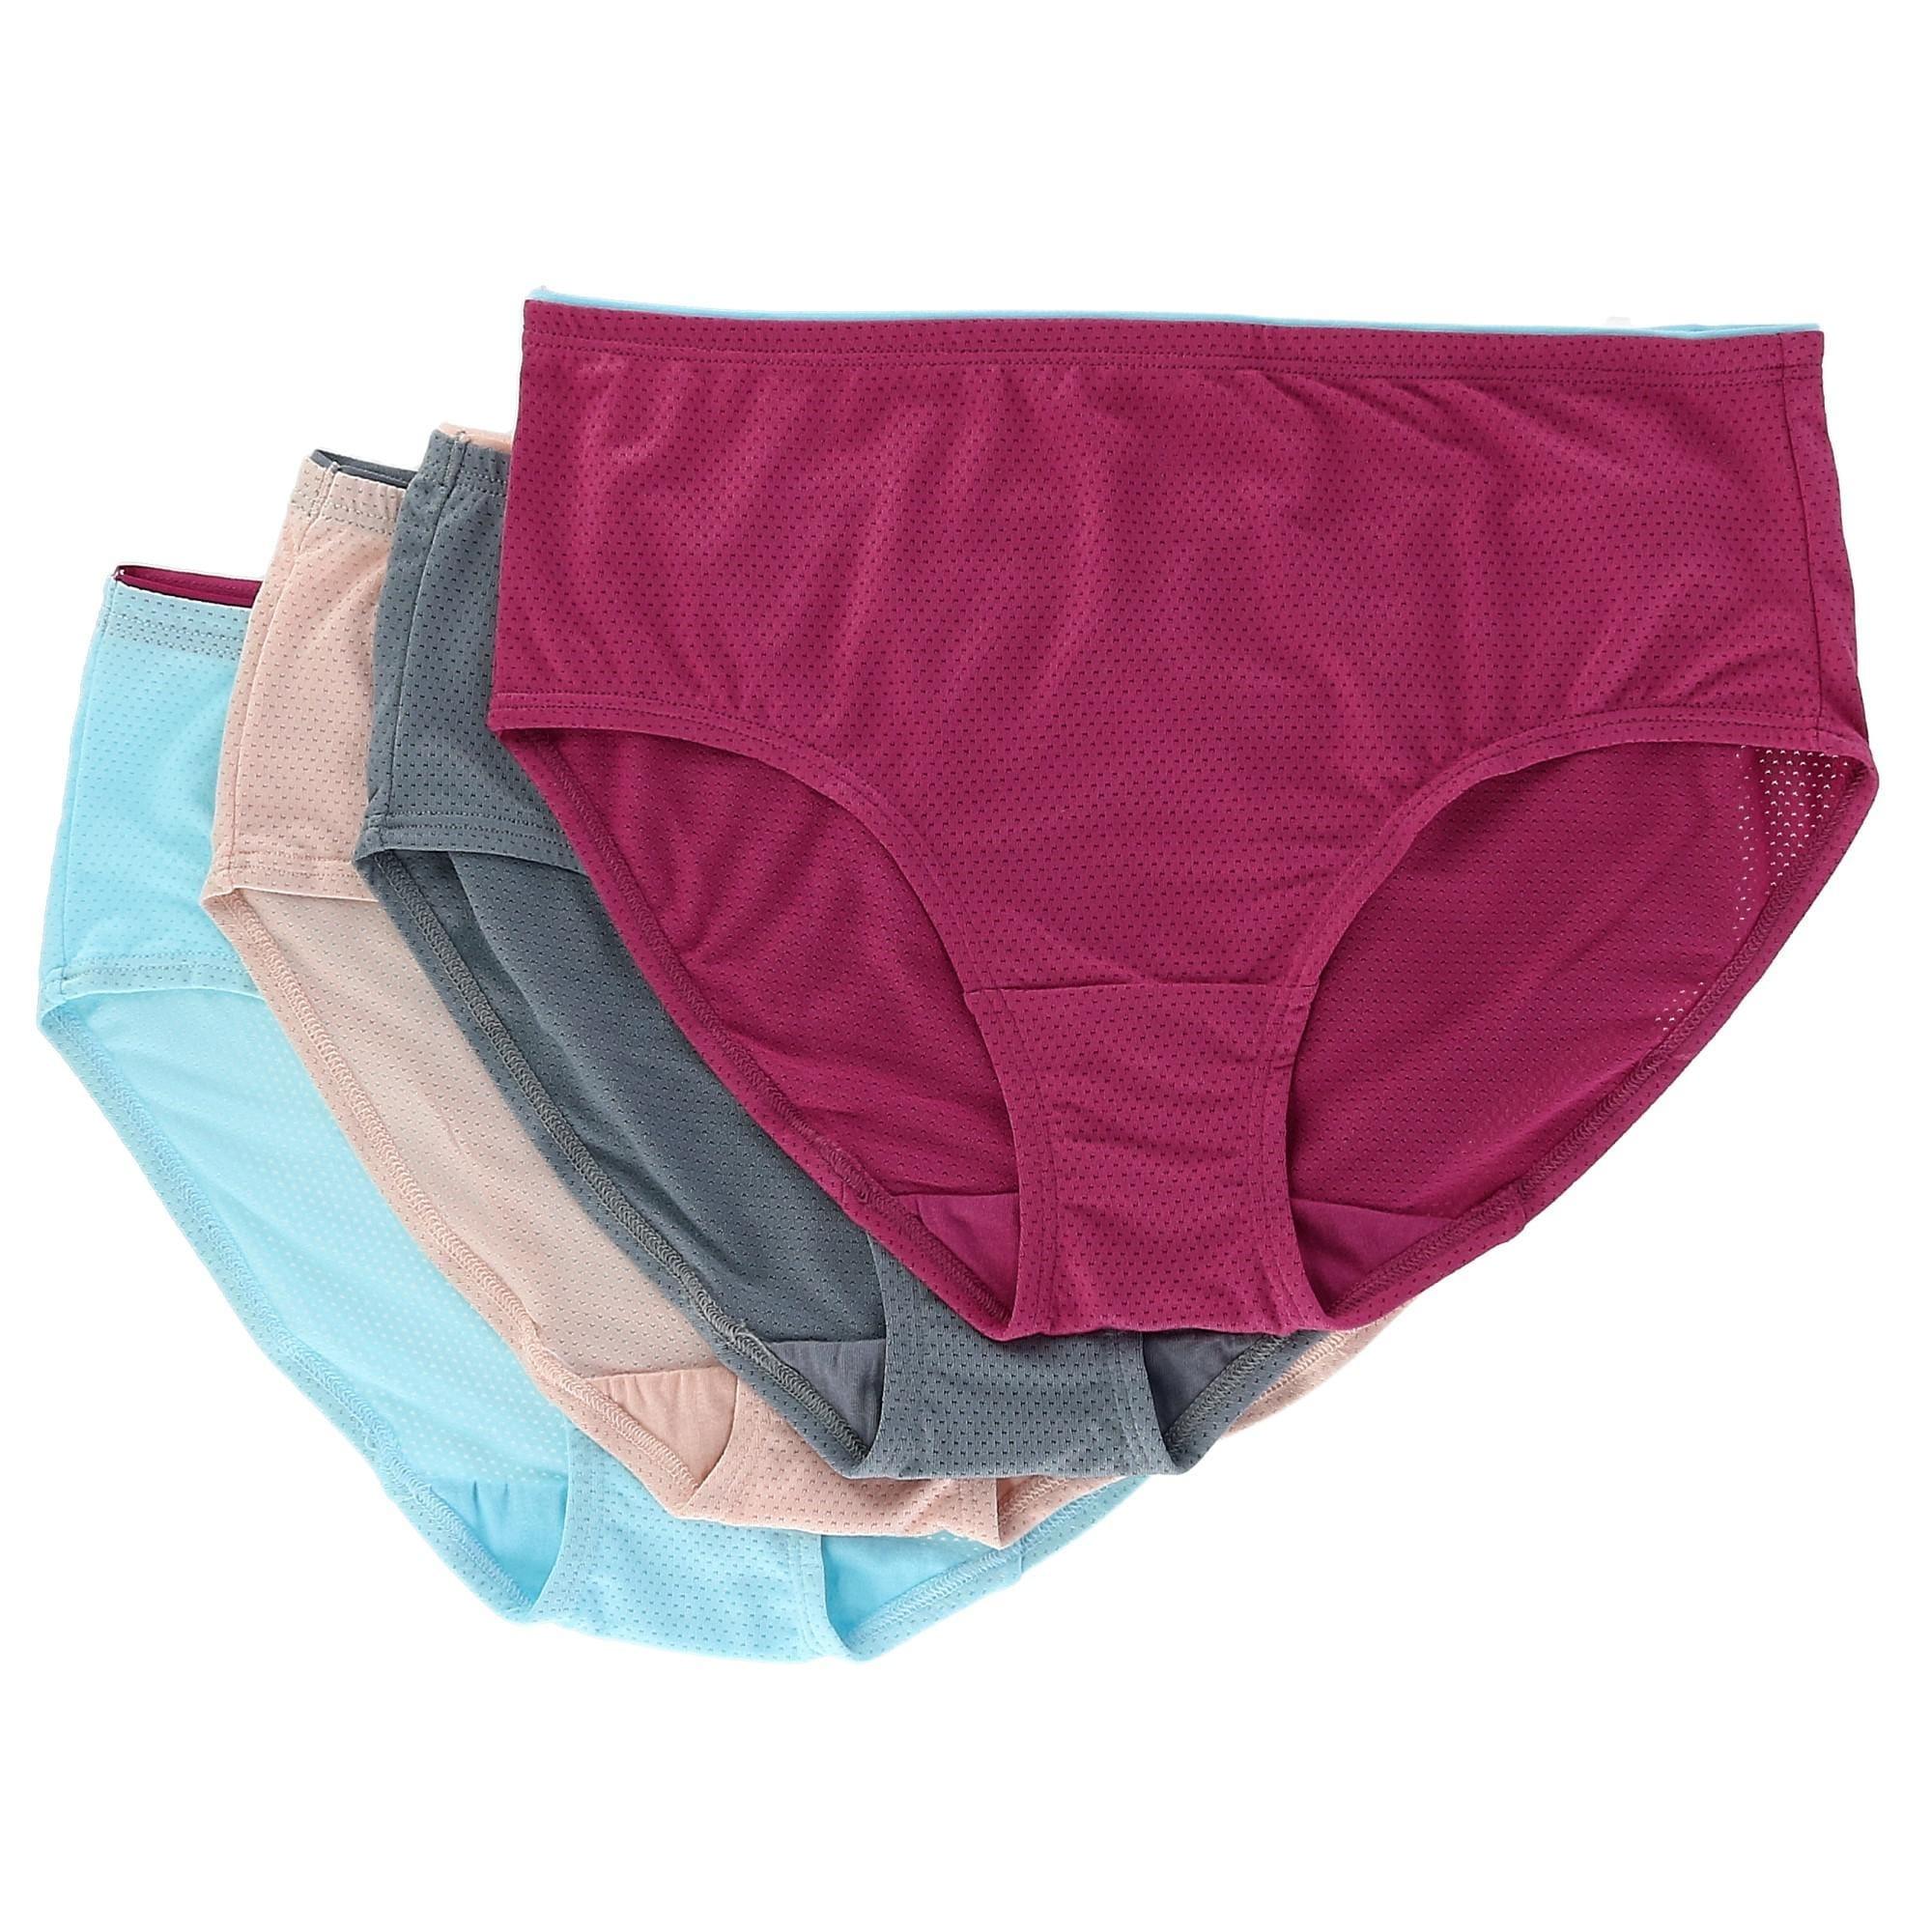 5adde0977 Buy Panties Online at Overstock